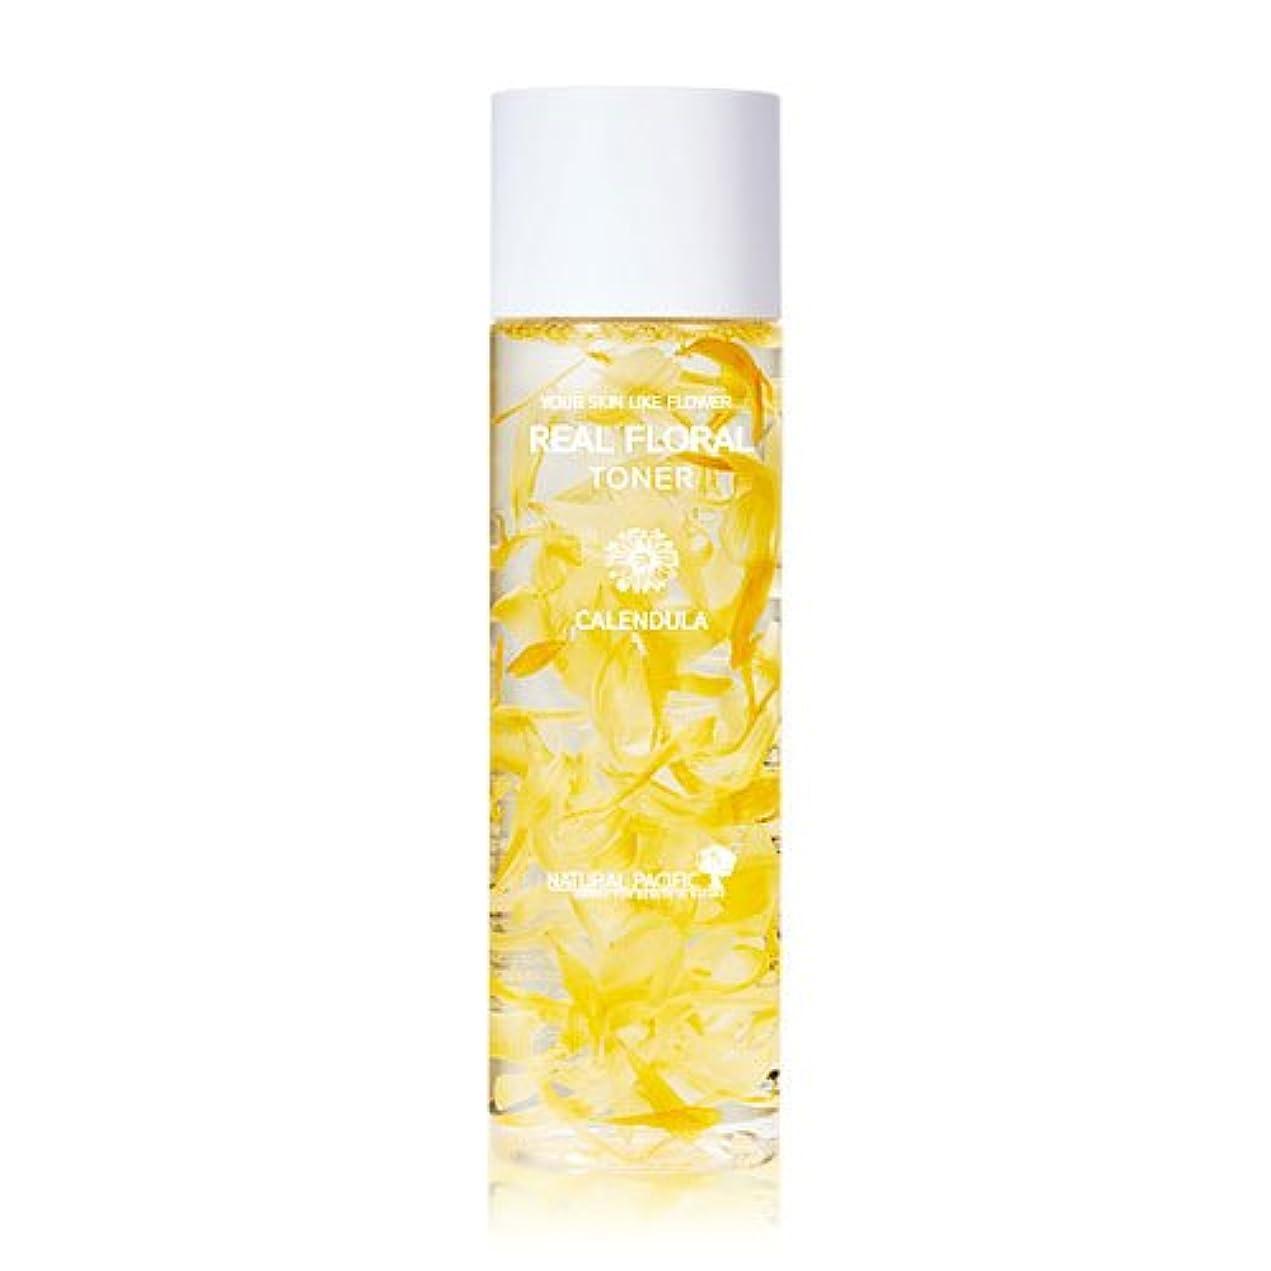 談話振り子ページェント[Renewal] NATURAL PACIFIC Real Calendula Floral Toner 180ml/ナチュラルパシフィック リアル カレンデュラ フローラル トナー 180ml [並行輸入品]